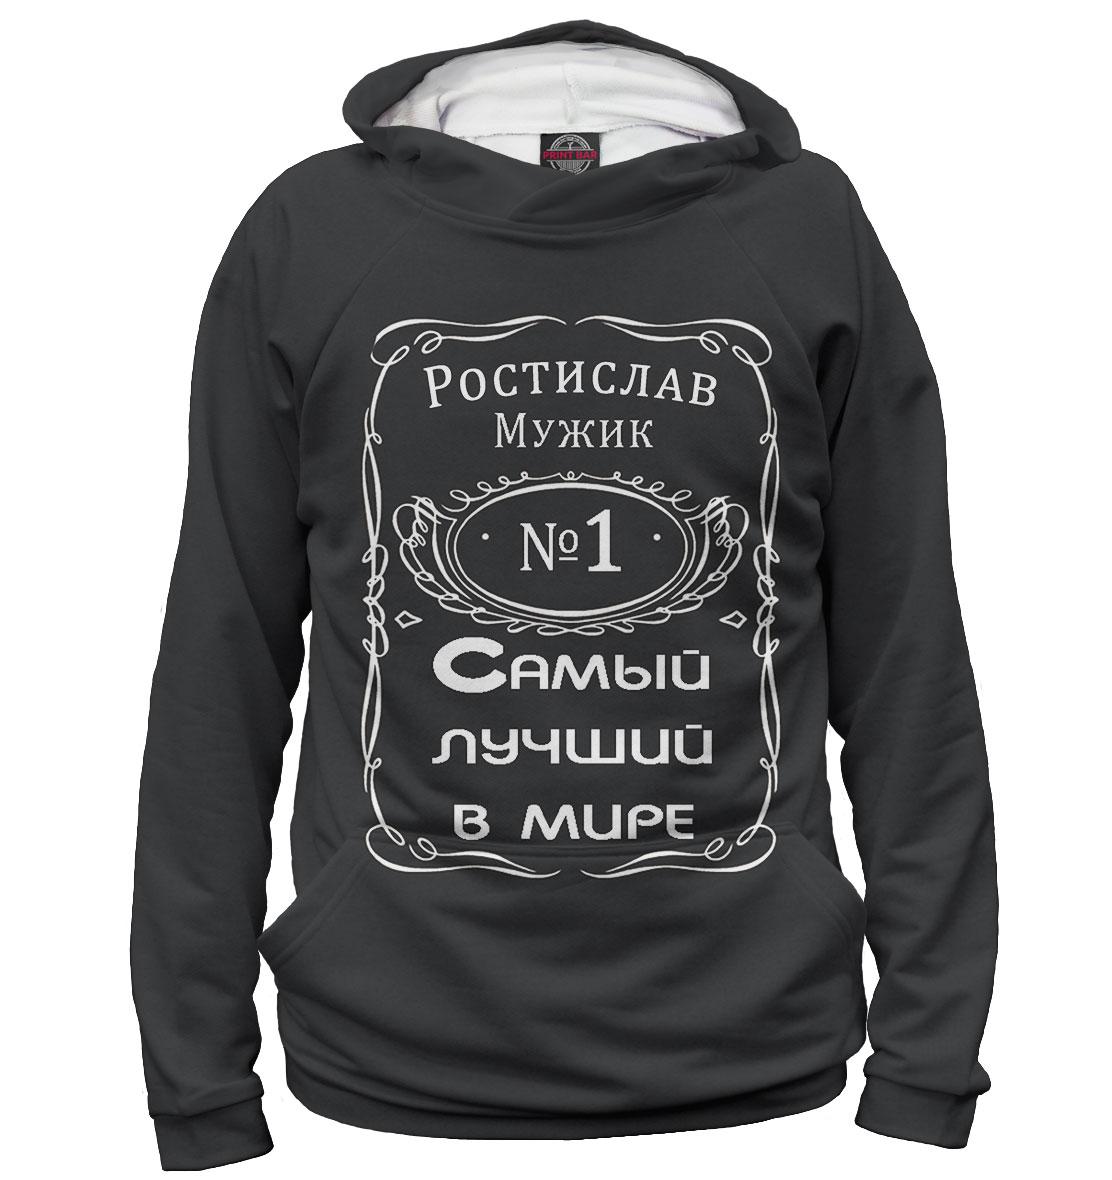 Купить Ростислав — самый лучший в мире, Printbar, Худи, IMR-525062-hud